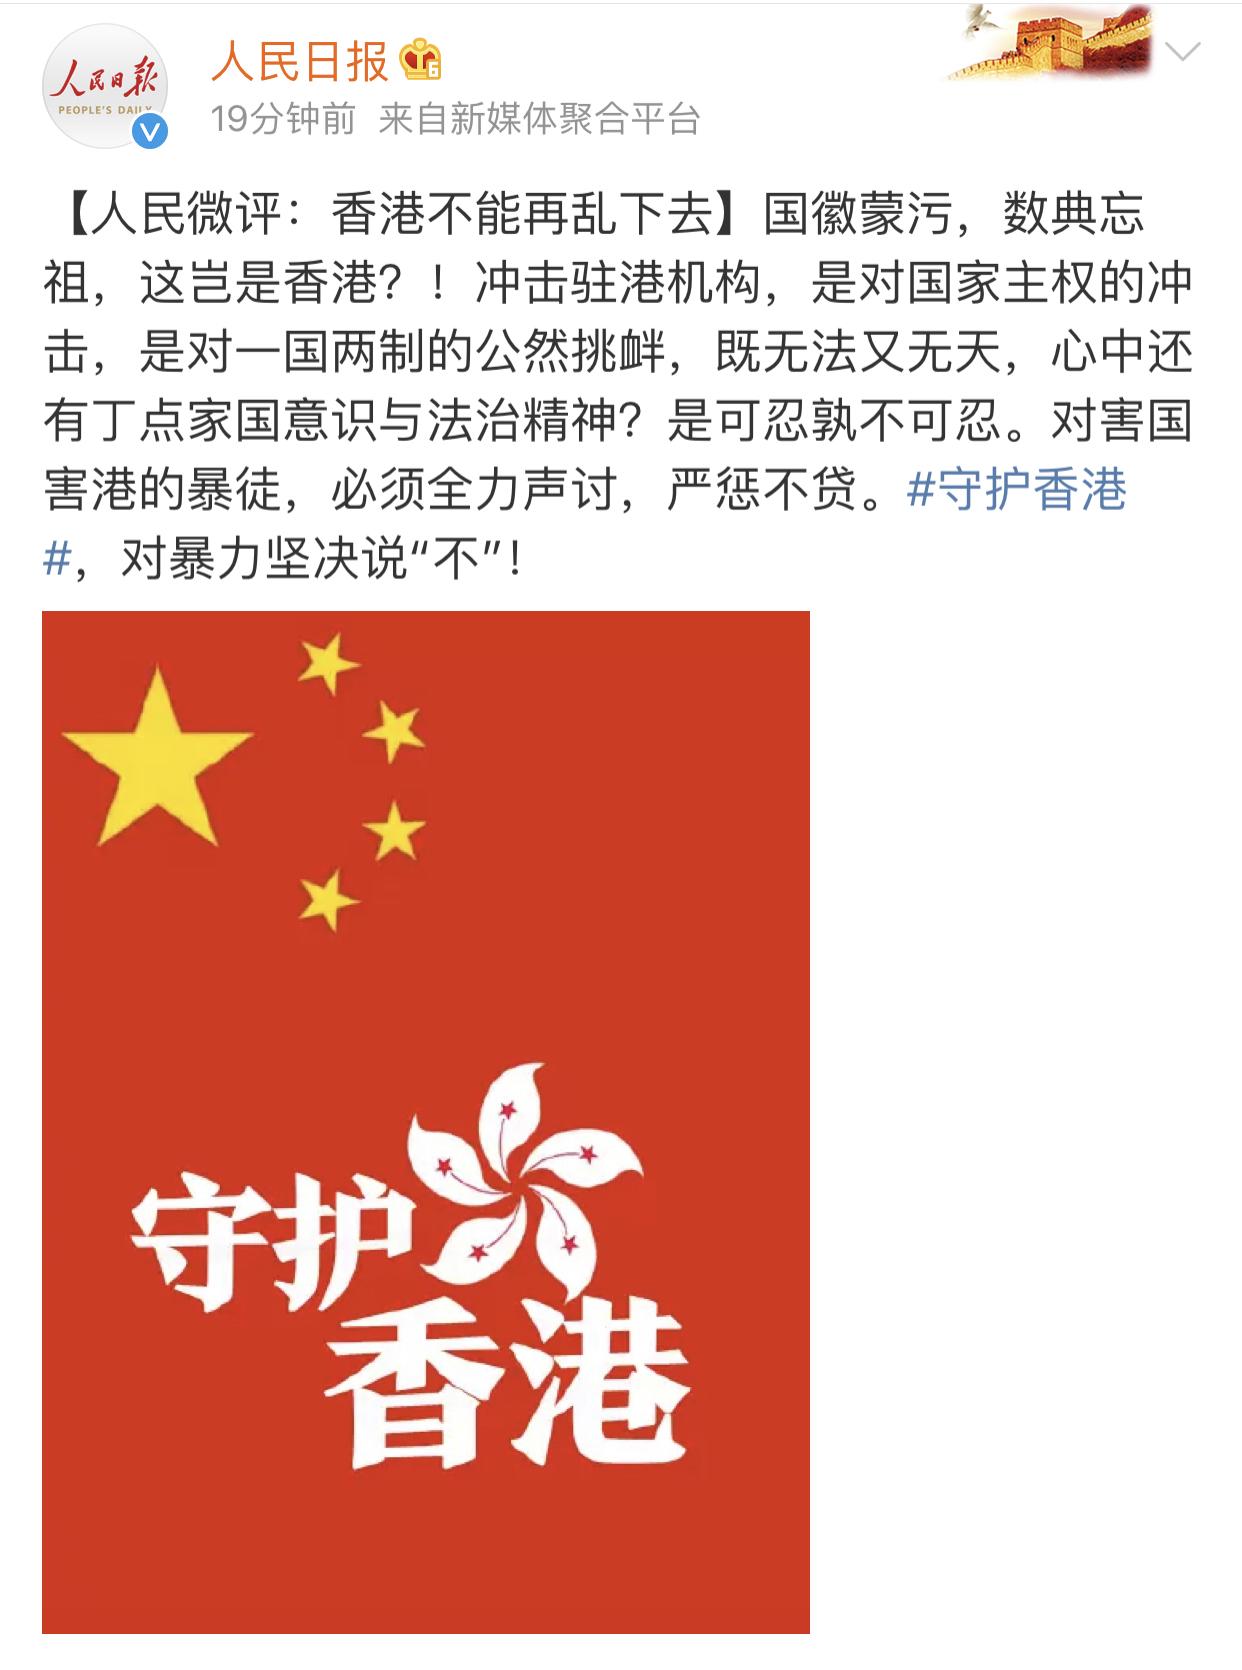 香港激进示威者涂污国徽,人民日报微评:数典忘祖,是可忍孰不可忍!